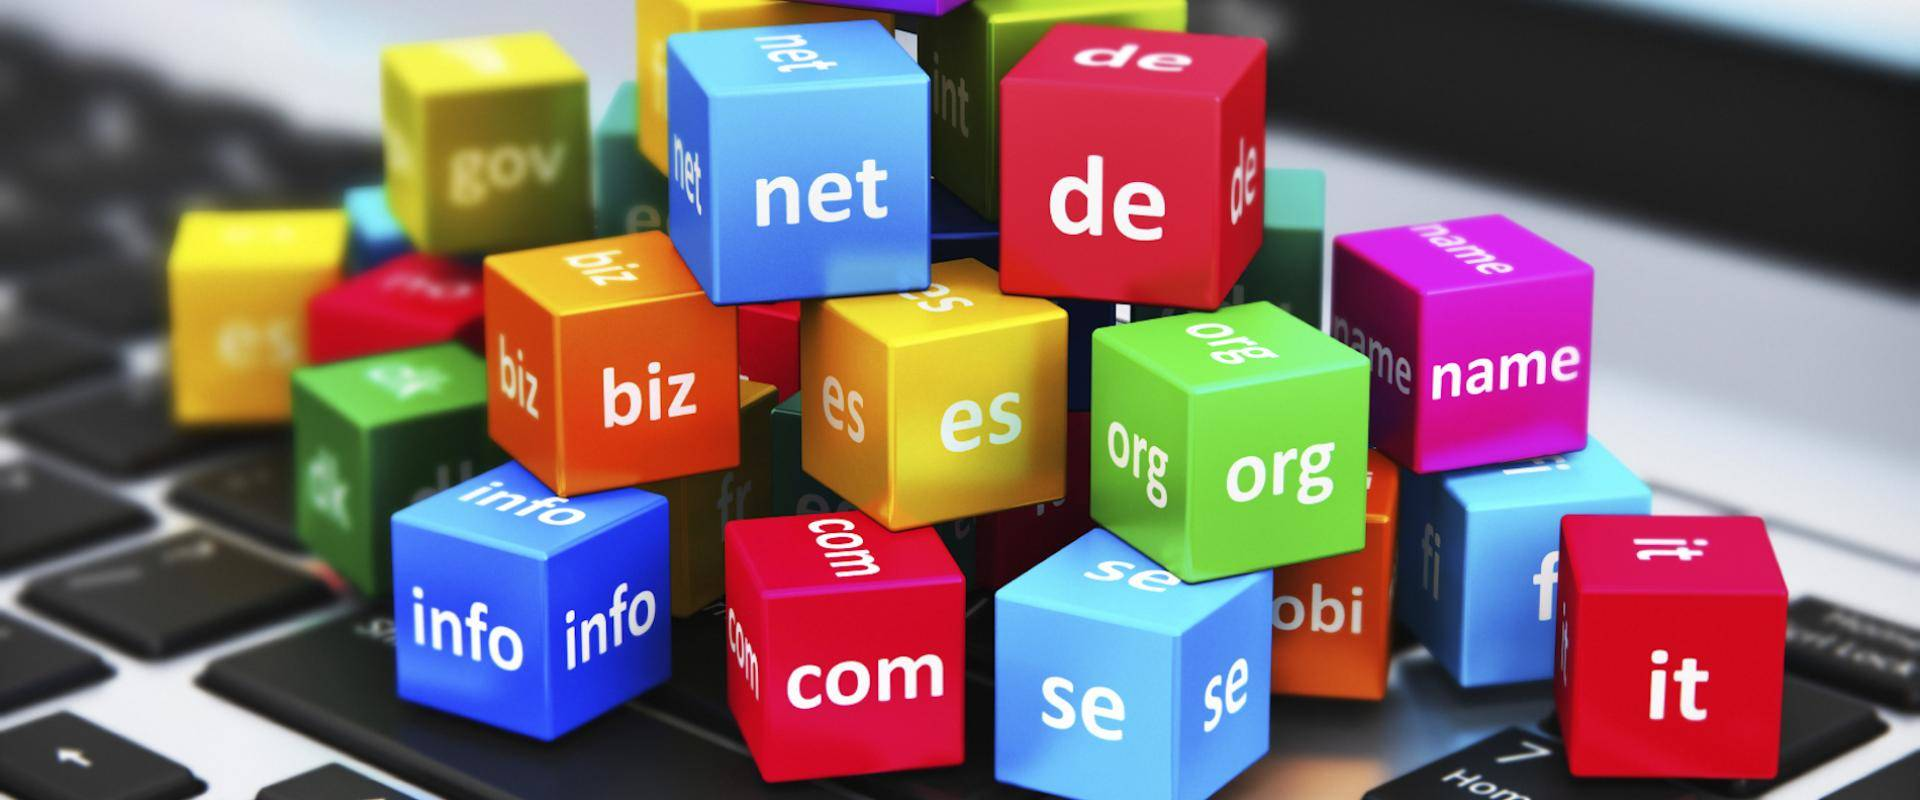 Web sitemin FTP'sine nasıl ulaşabilirim? - - web site, sunucu, portakalweb, parola, kullanıcı adı, ftp, filezilla